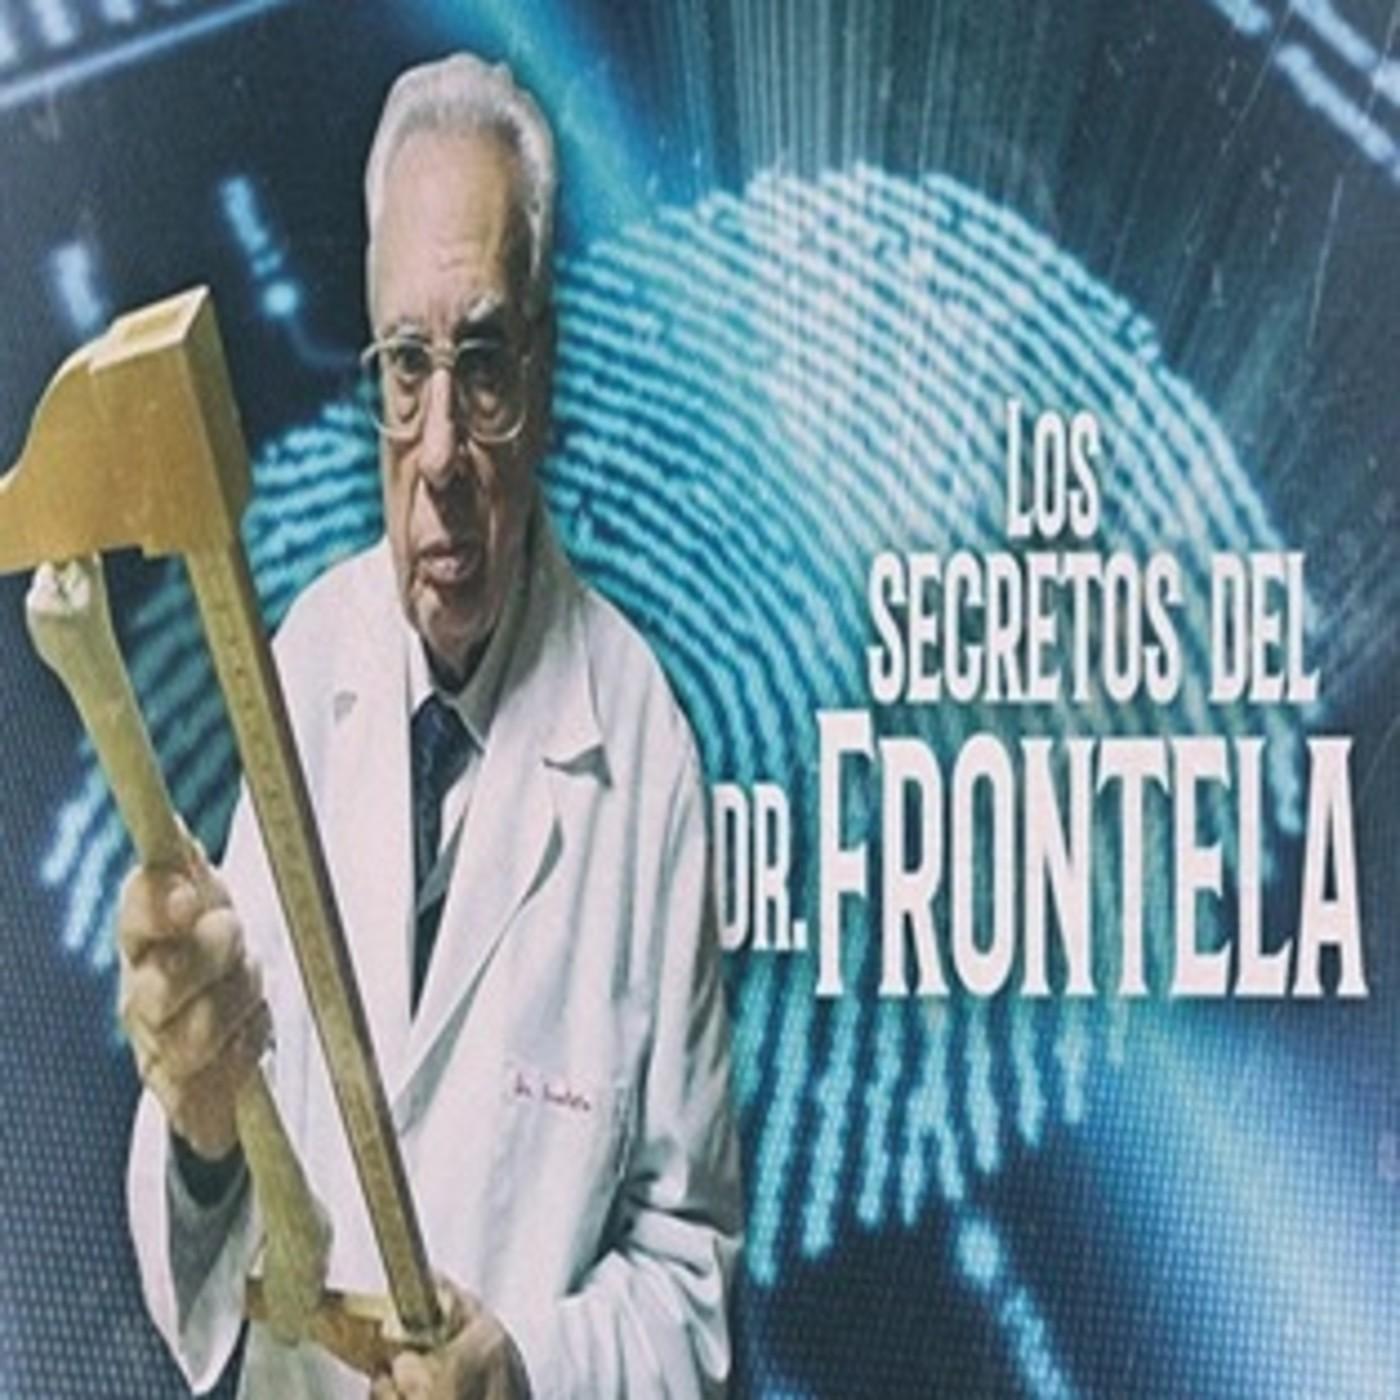 Cuarto milenio (17/03/2019) 14x29: Los secretos del Dr. Frontela en ...